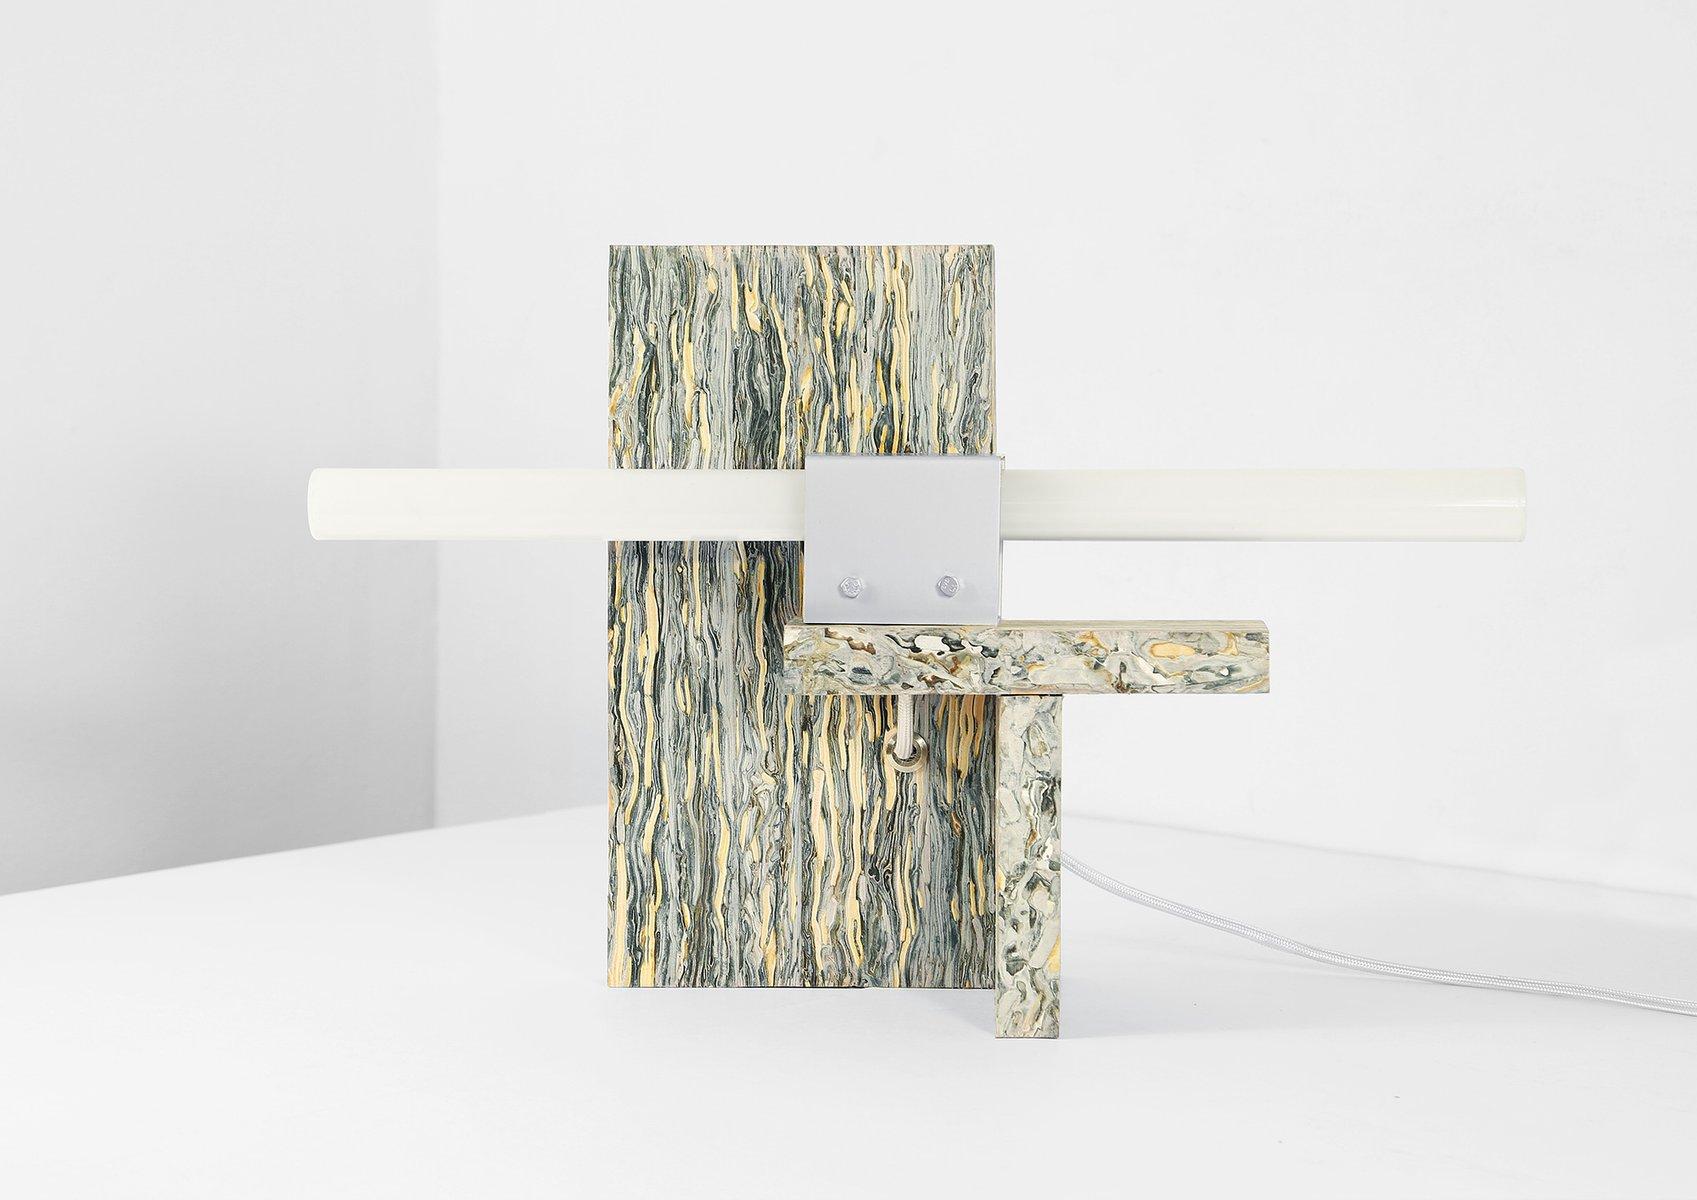 Structural Skin Tischlampe Nº03 von Jorge Penadés, 2017